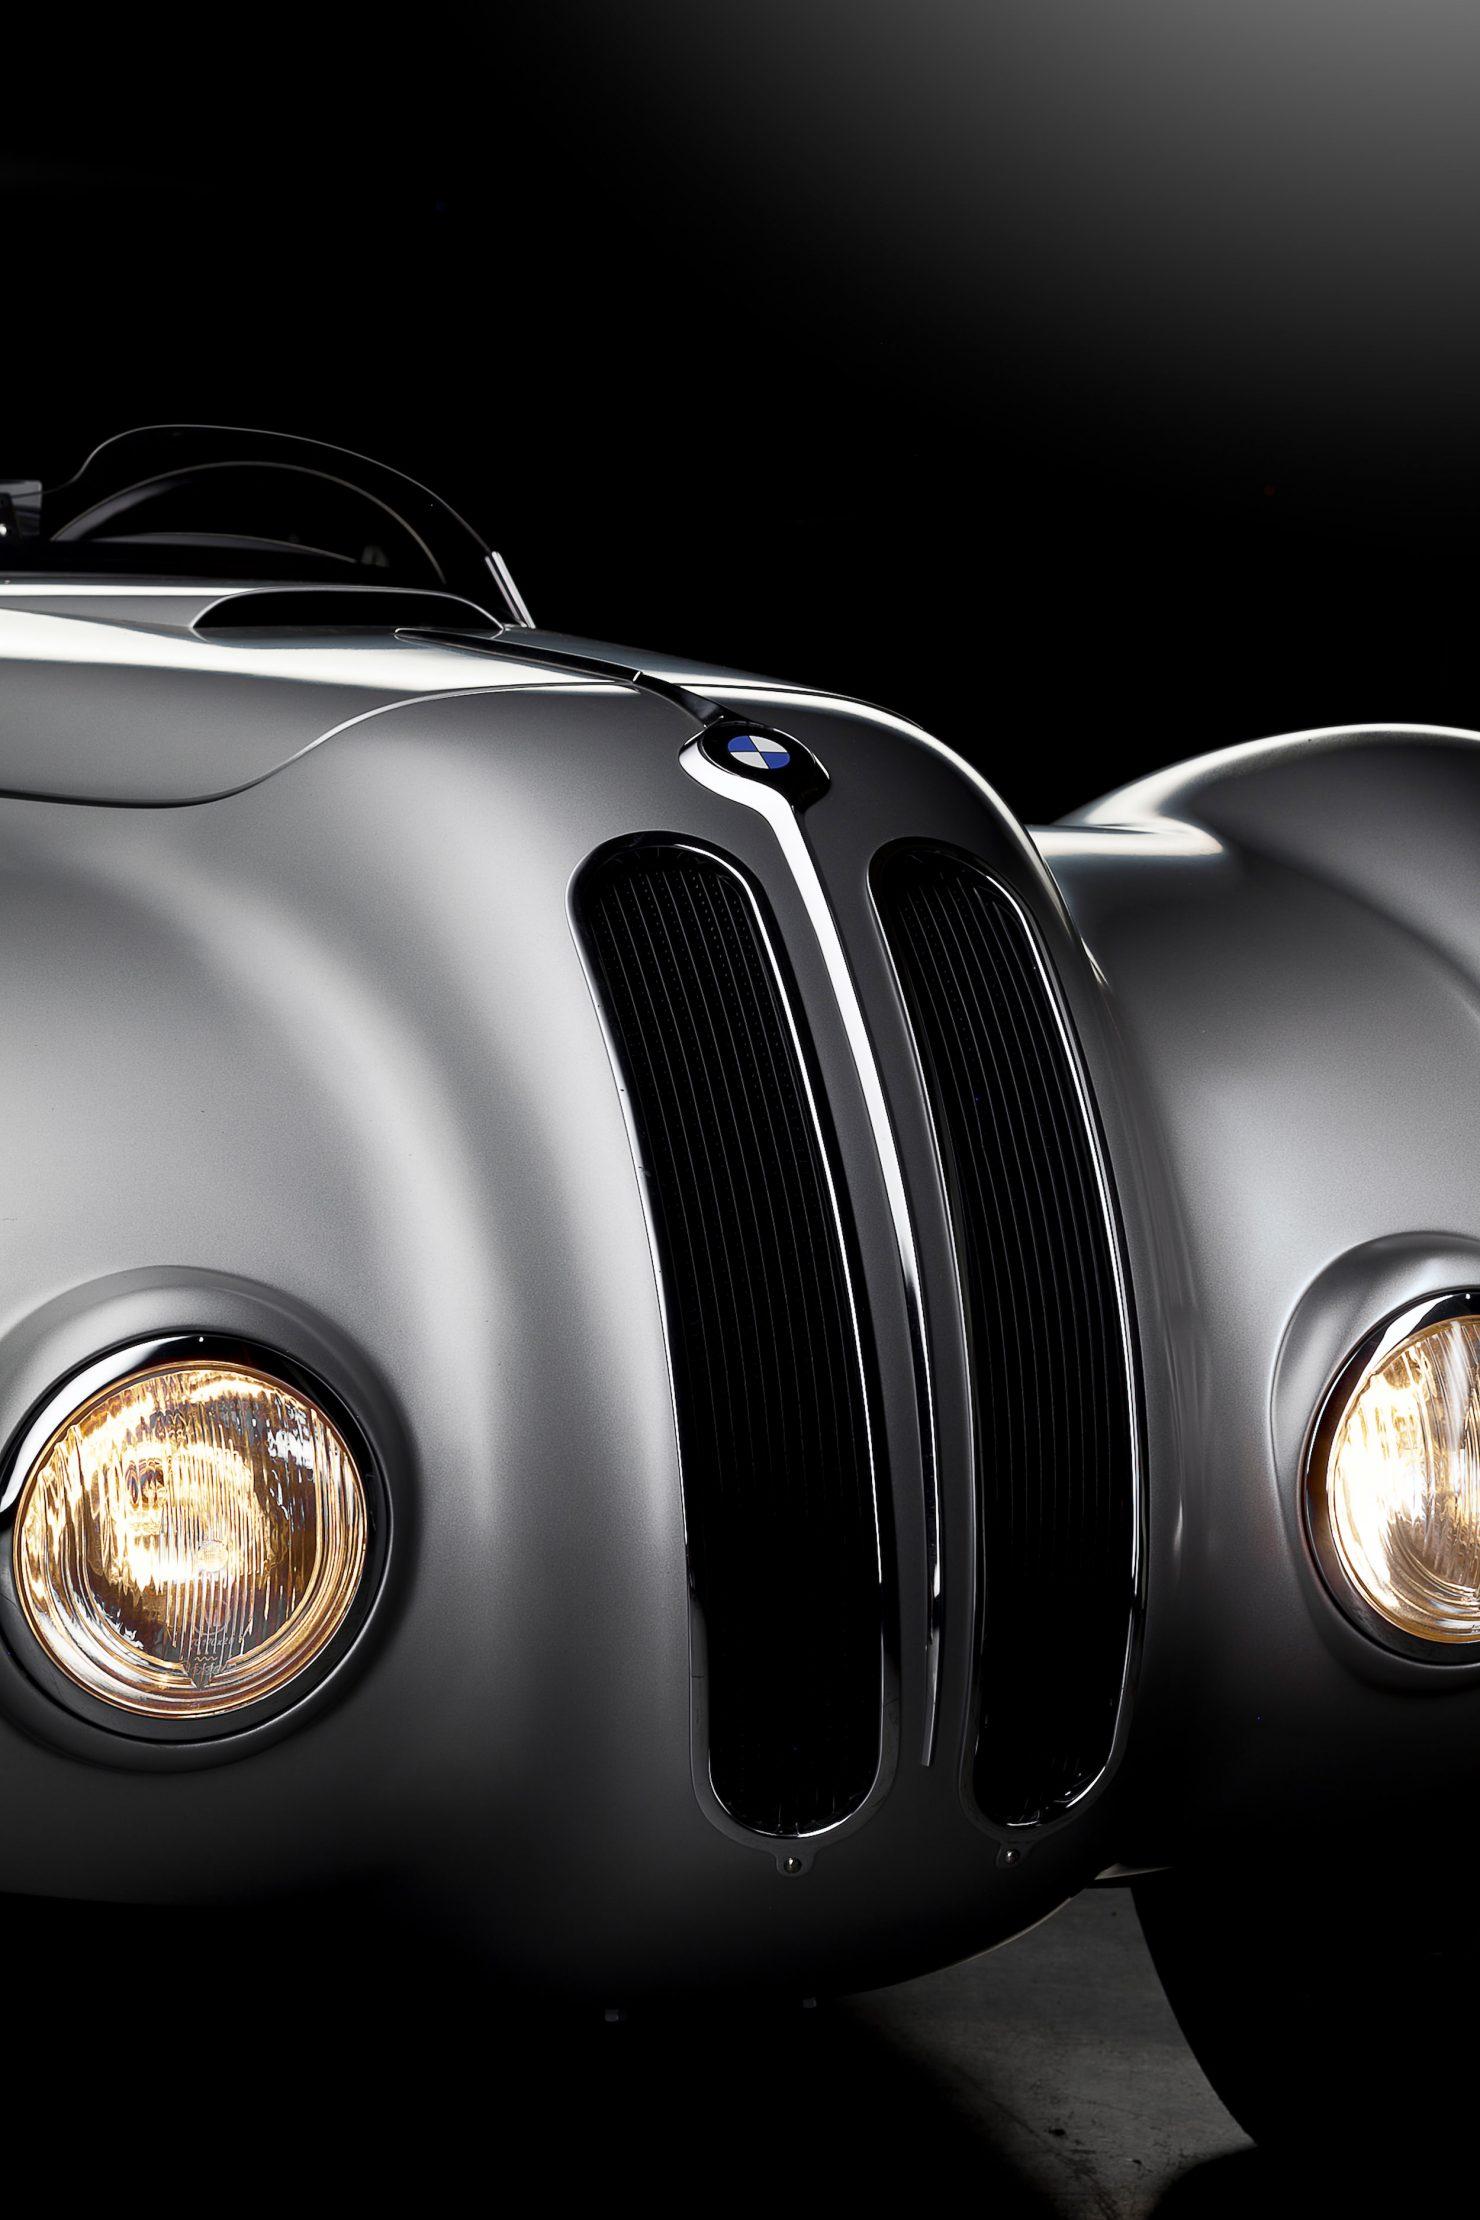 BMW 328 11 1480x2220 - 1940 BMW 328 Roadster